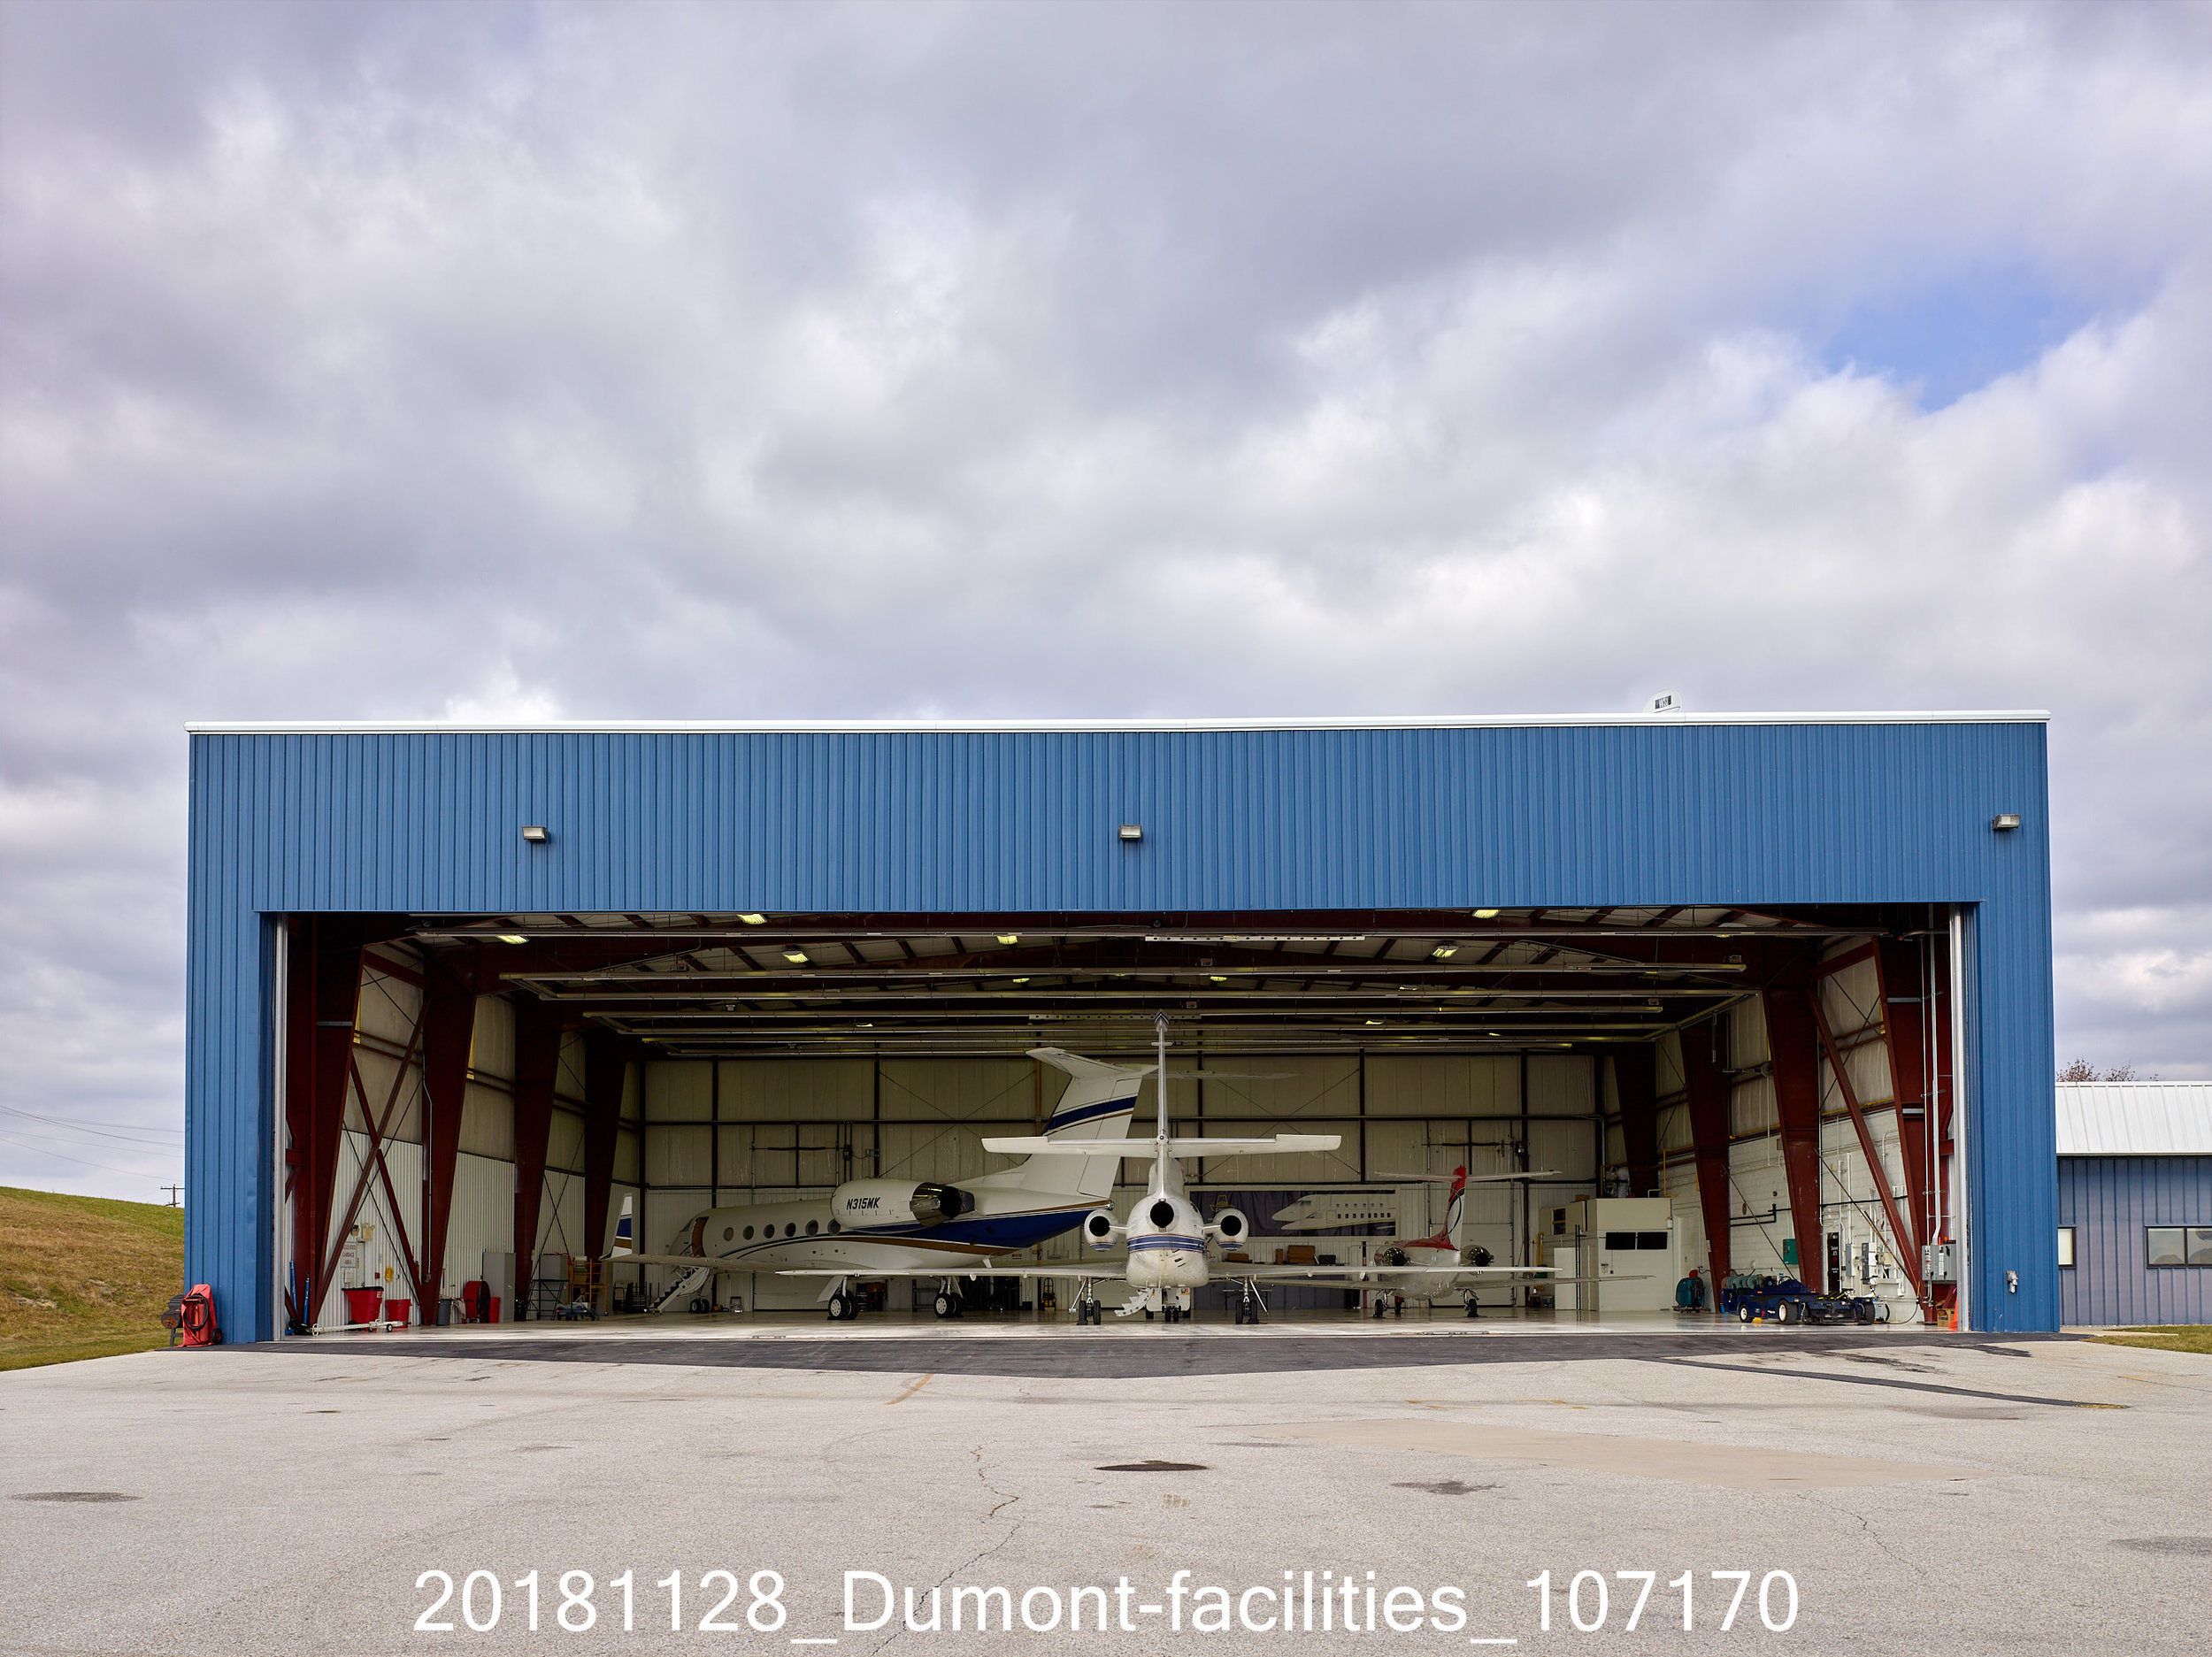 20181128_Dumont-facilities_107170.jpg